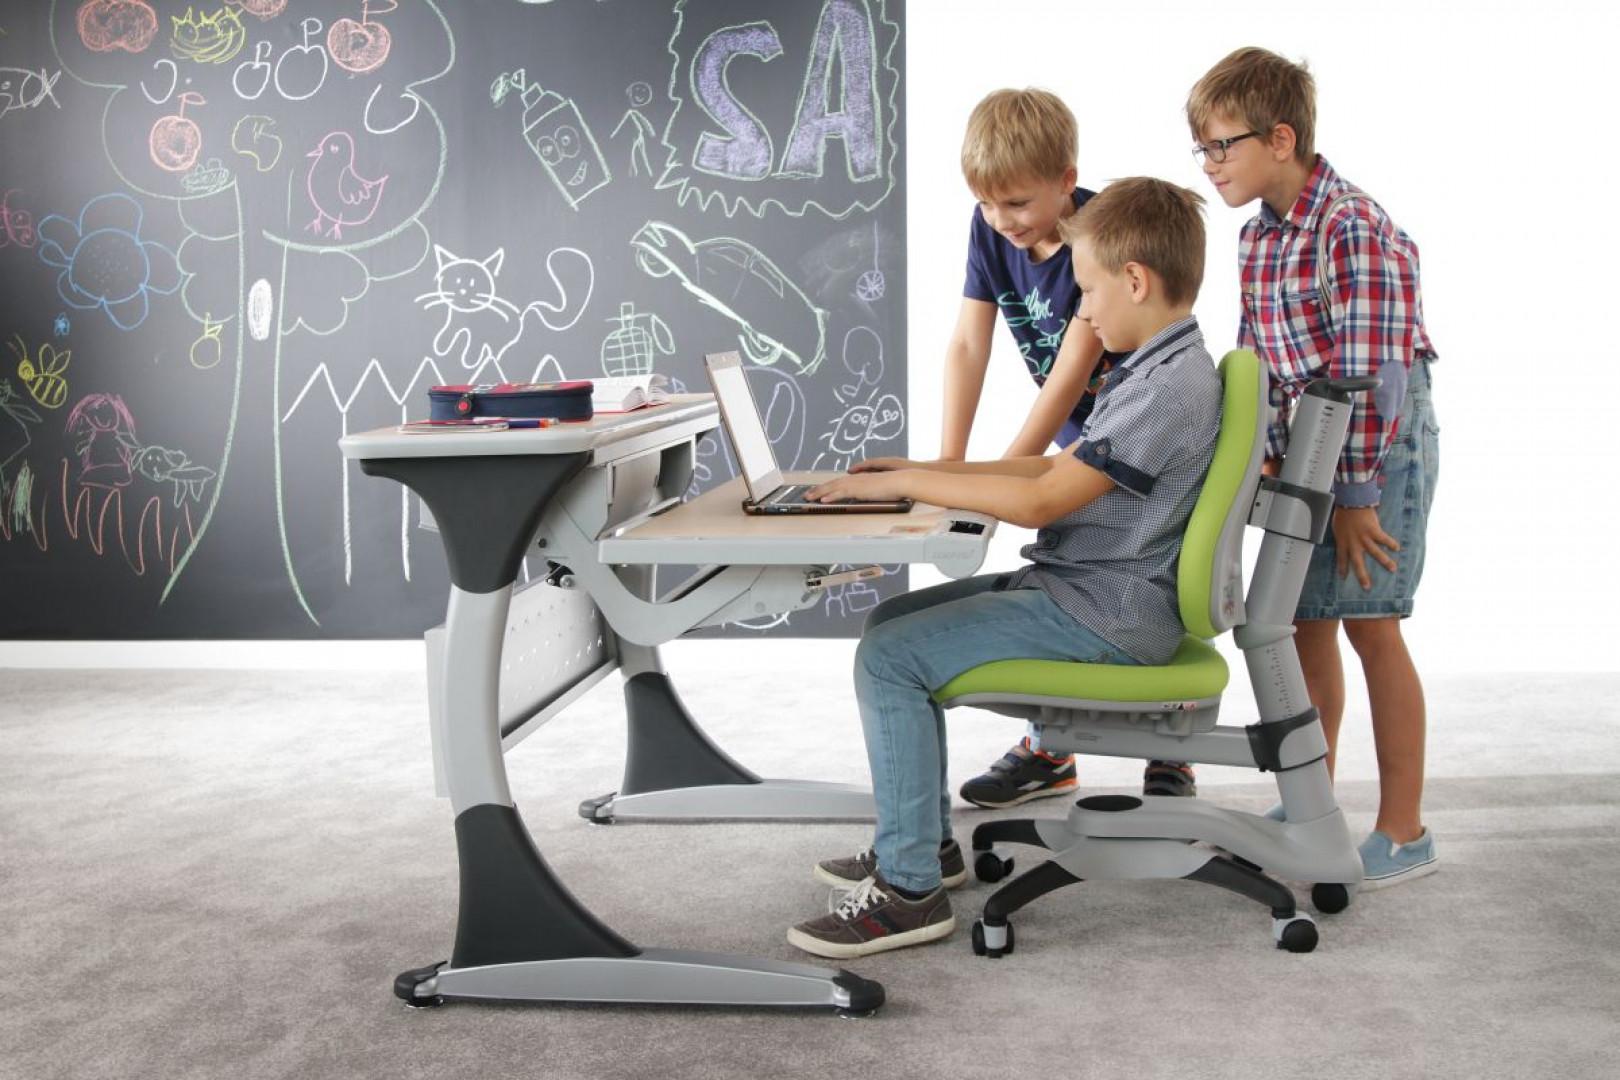 Kolekcja mebli dziecięcych GoUp firmy Bejot. Fot. Bejot